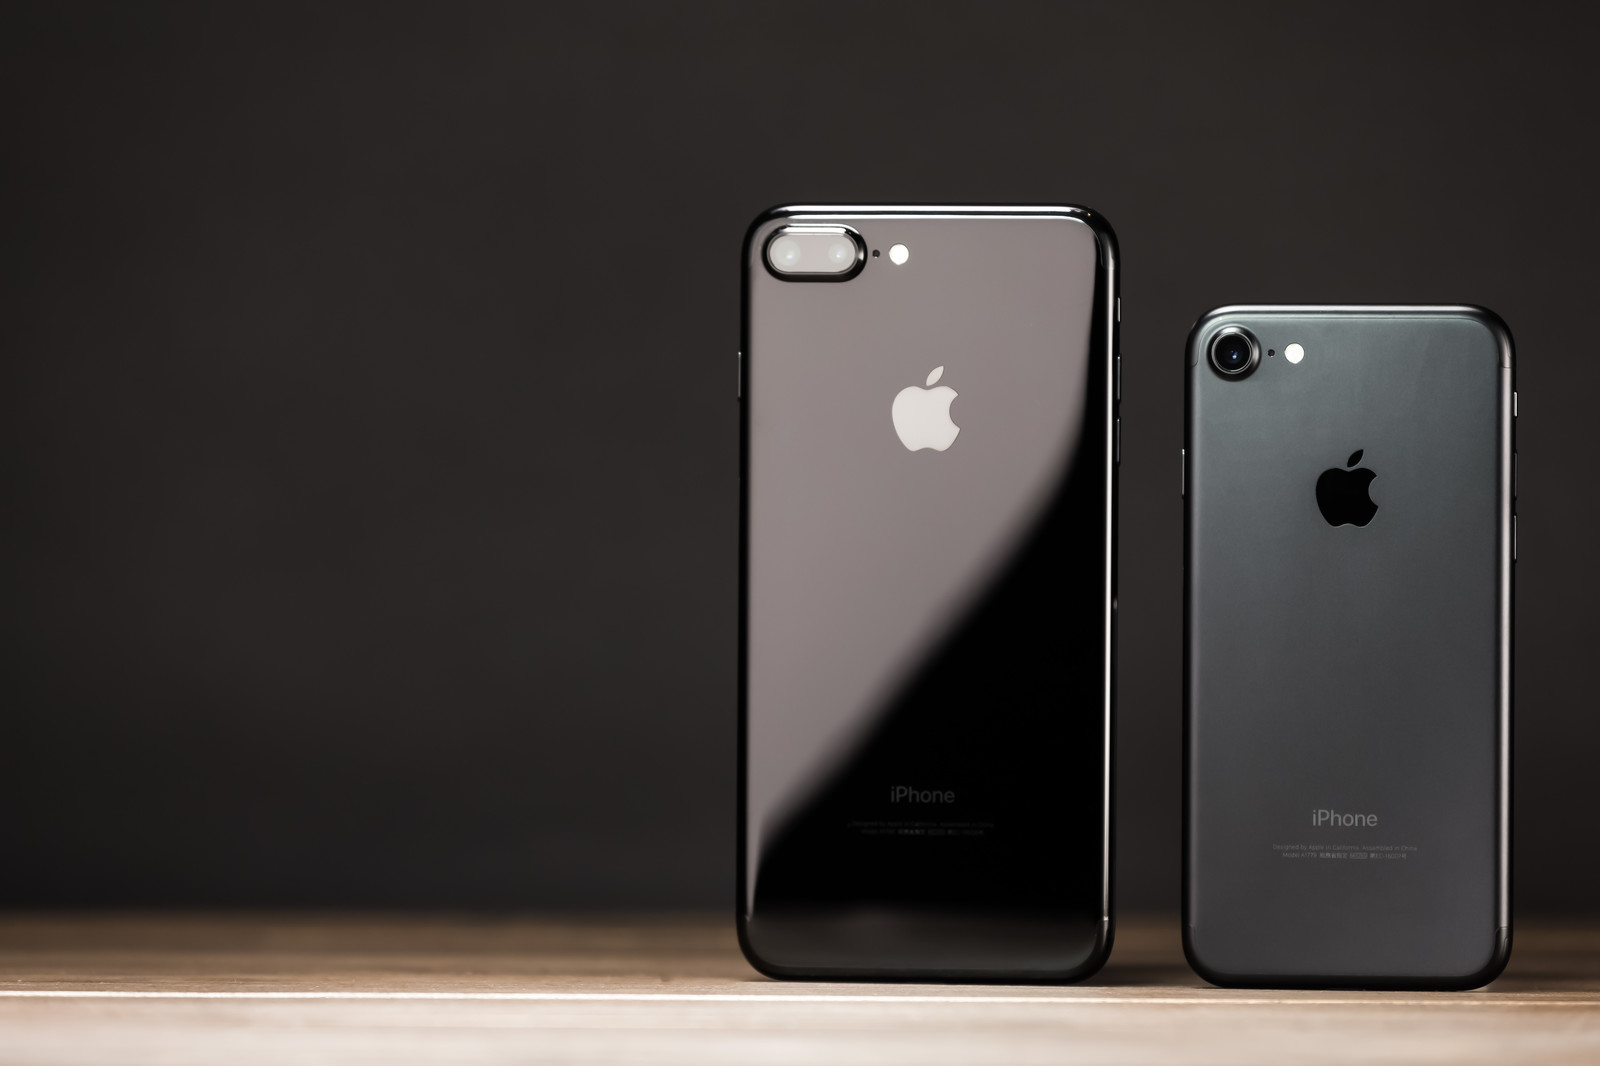 外観が光沢とマットのスマートフォン2台のフリー素材